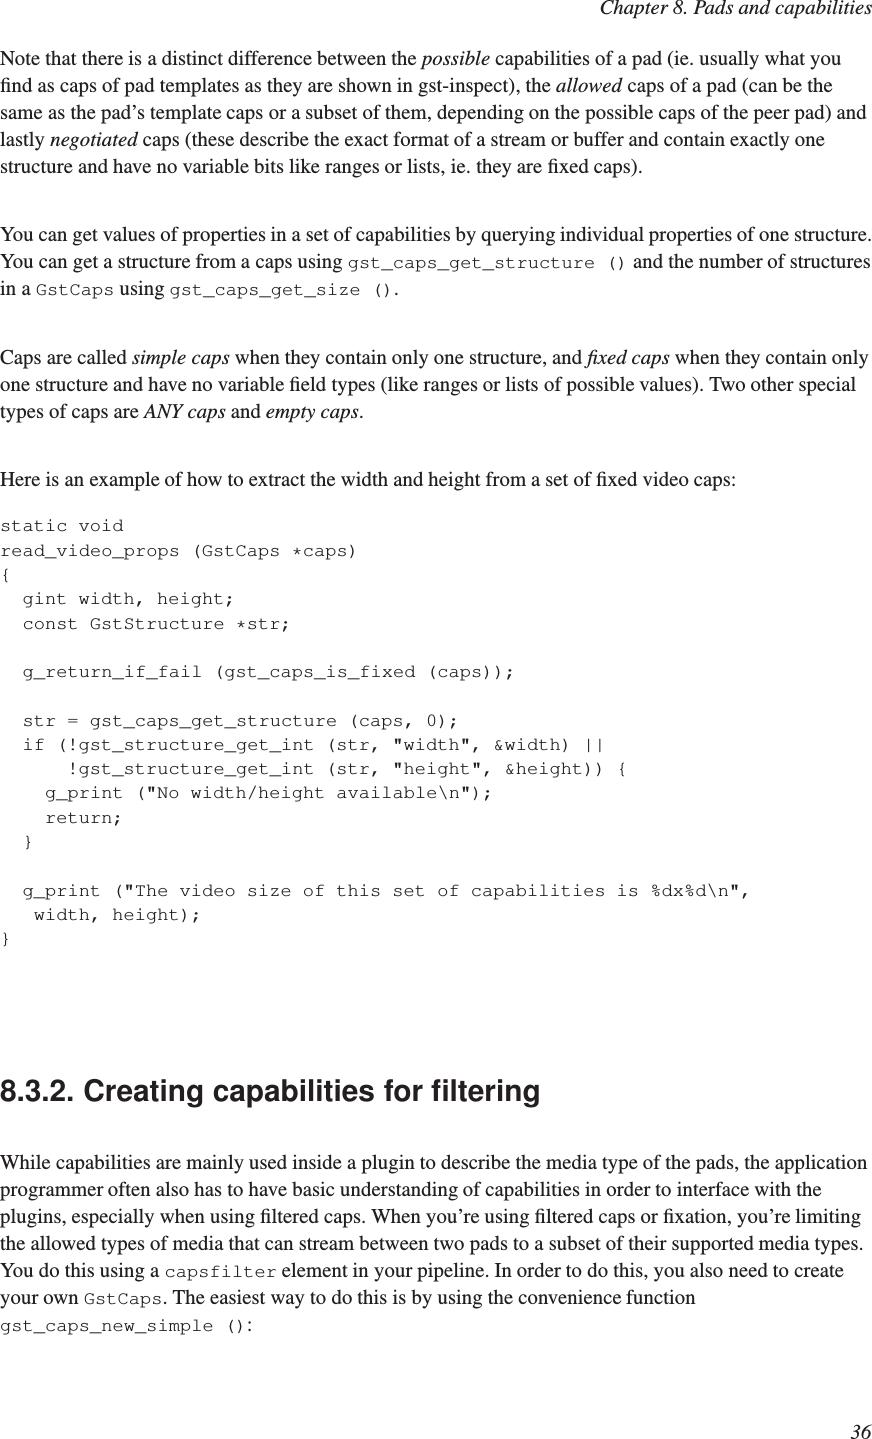 Gstreamer Application Manual